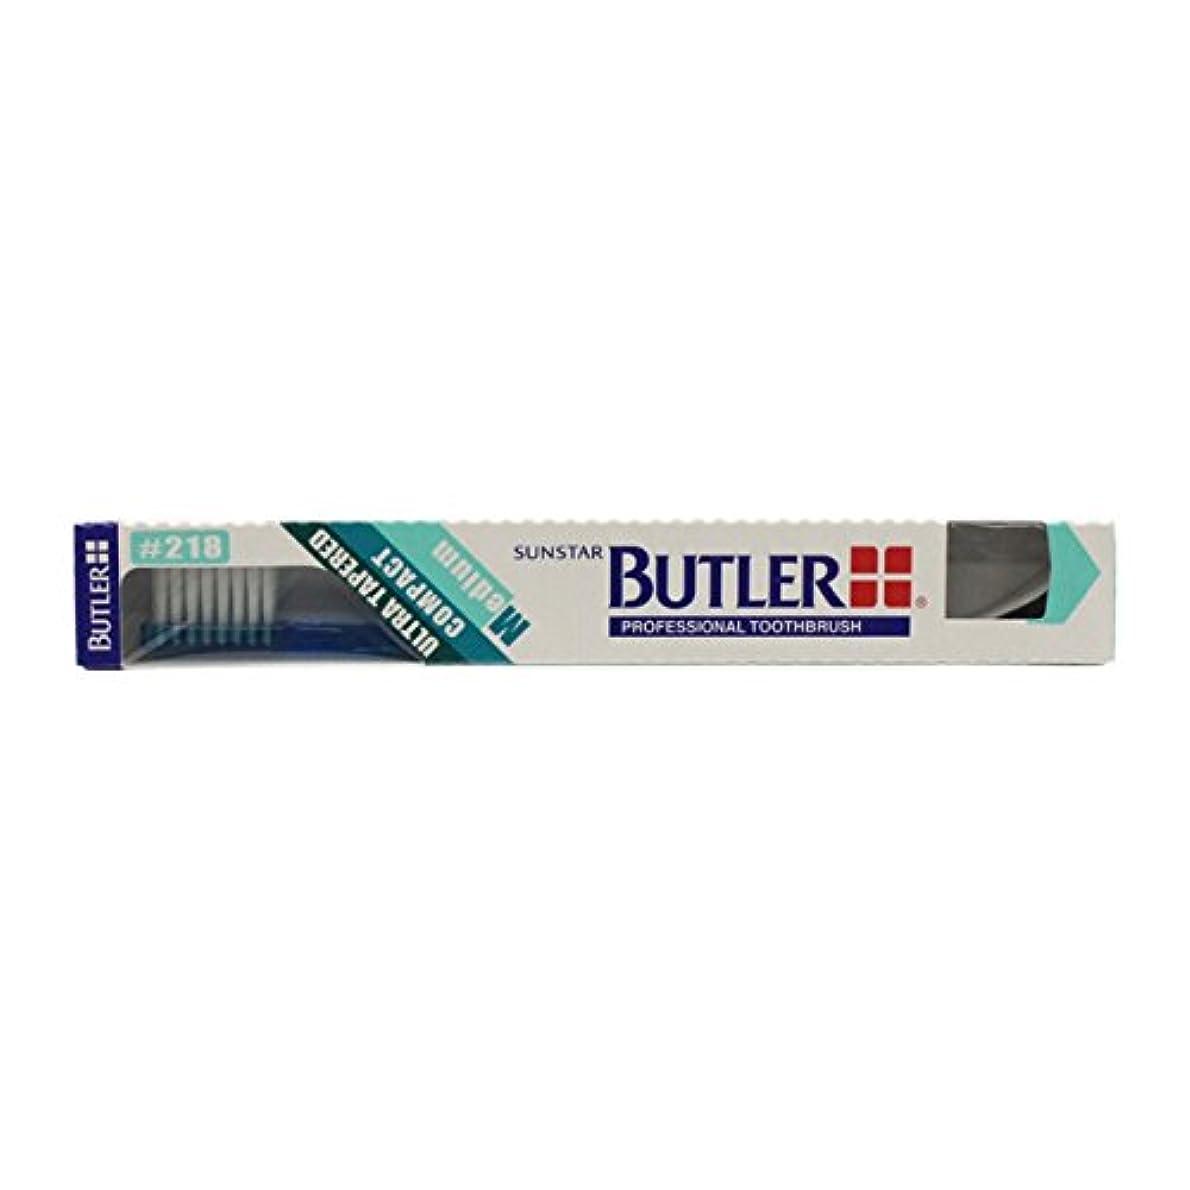 からに変化する団結する考えサンスター バトラー 歯ブラシ #218 1本